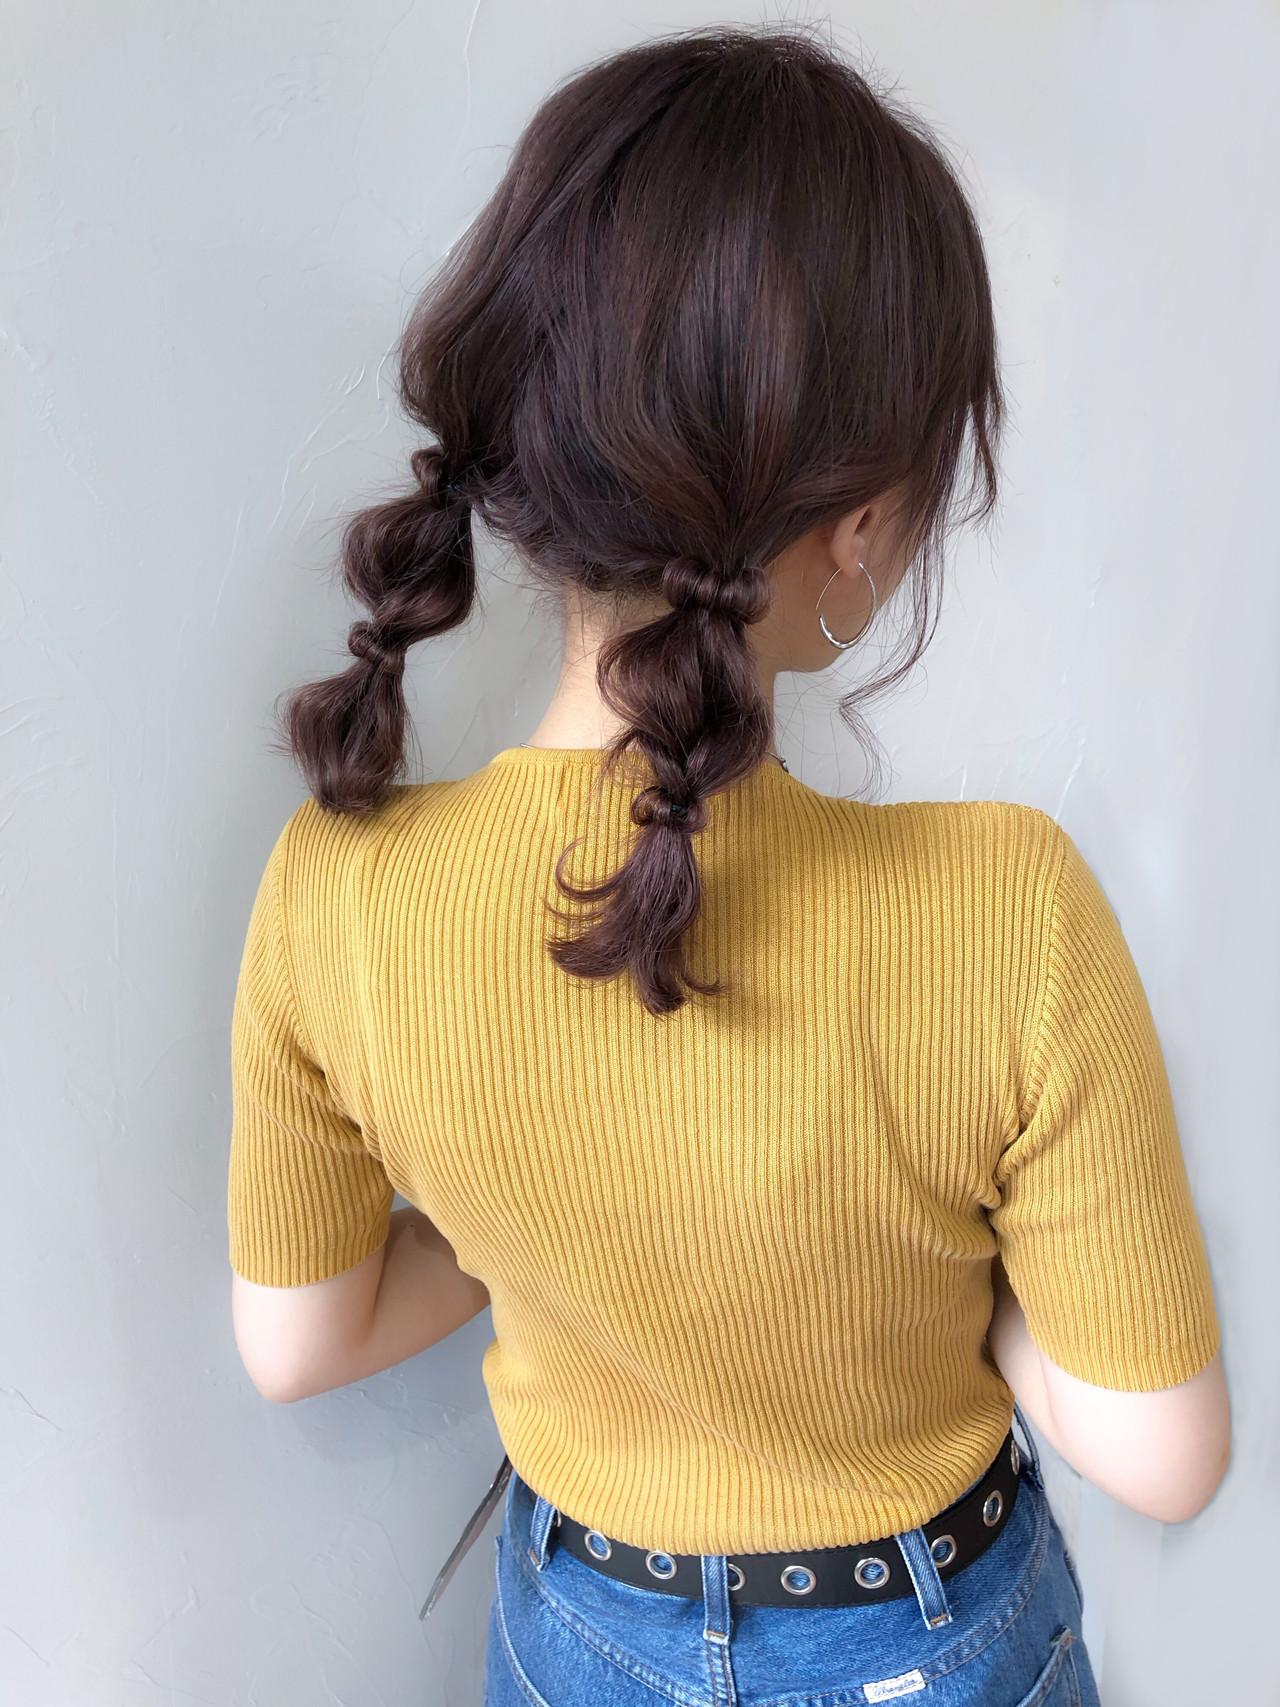 ピンクブラウン ツインテール 簡単ヘアアレンジ ヘアアレンジ ヘアスタイルや髪型の写真・画像